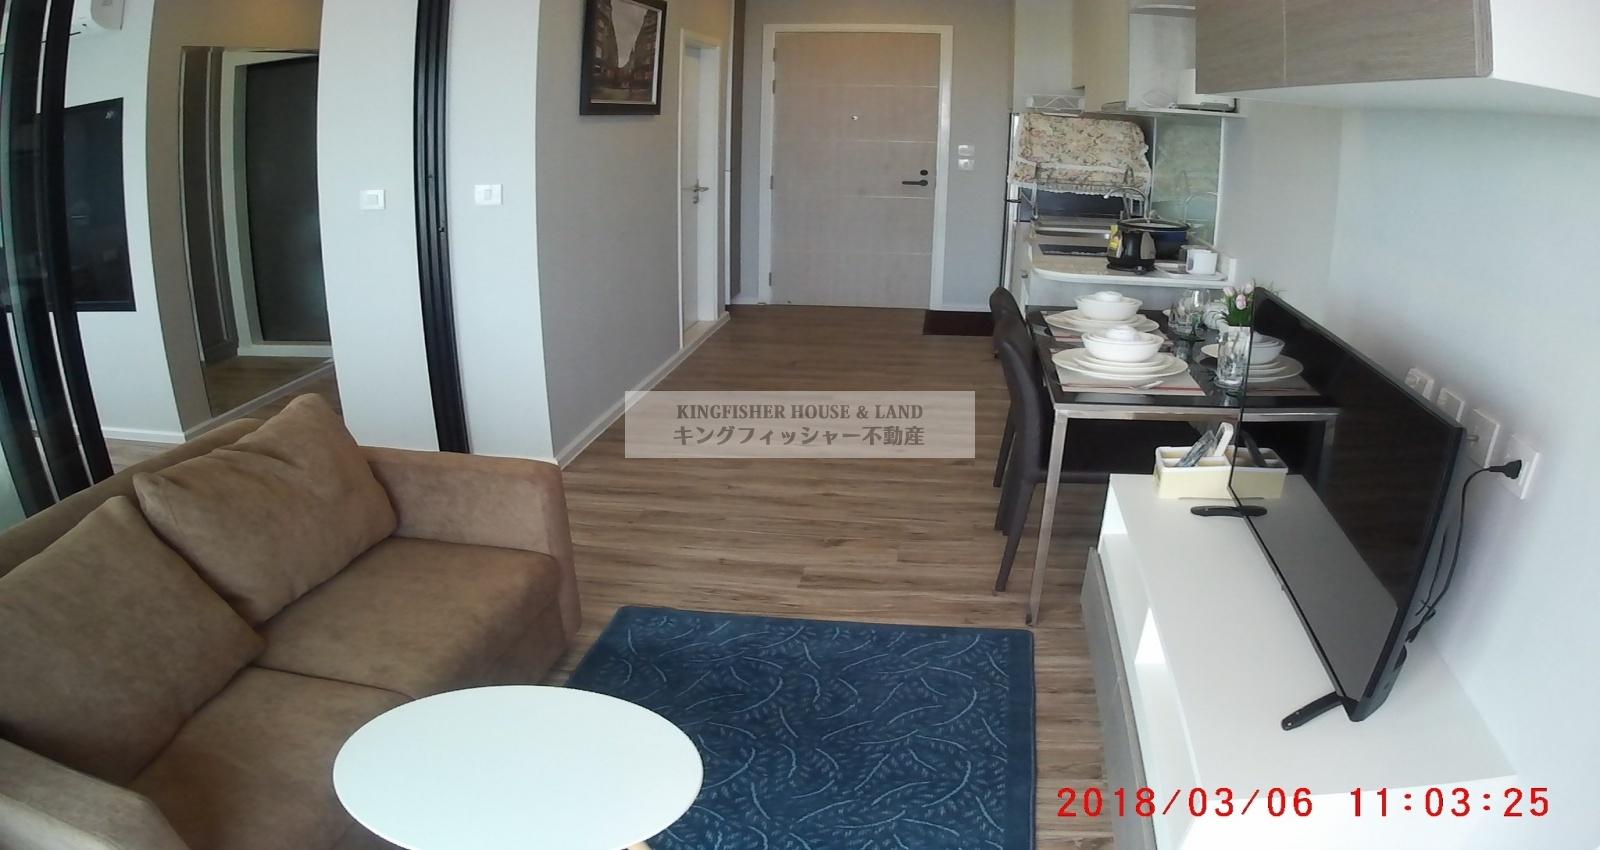 1 Bedrooms, Condominium, For Rent, 1 Bathrooms, Listing ID 1219, Sriracha, Thailand, 20110,